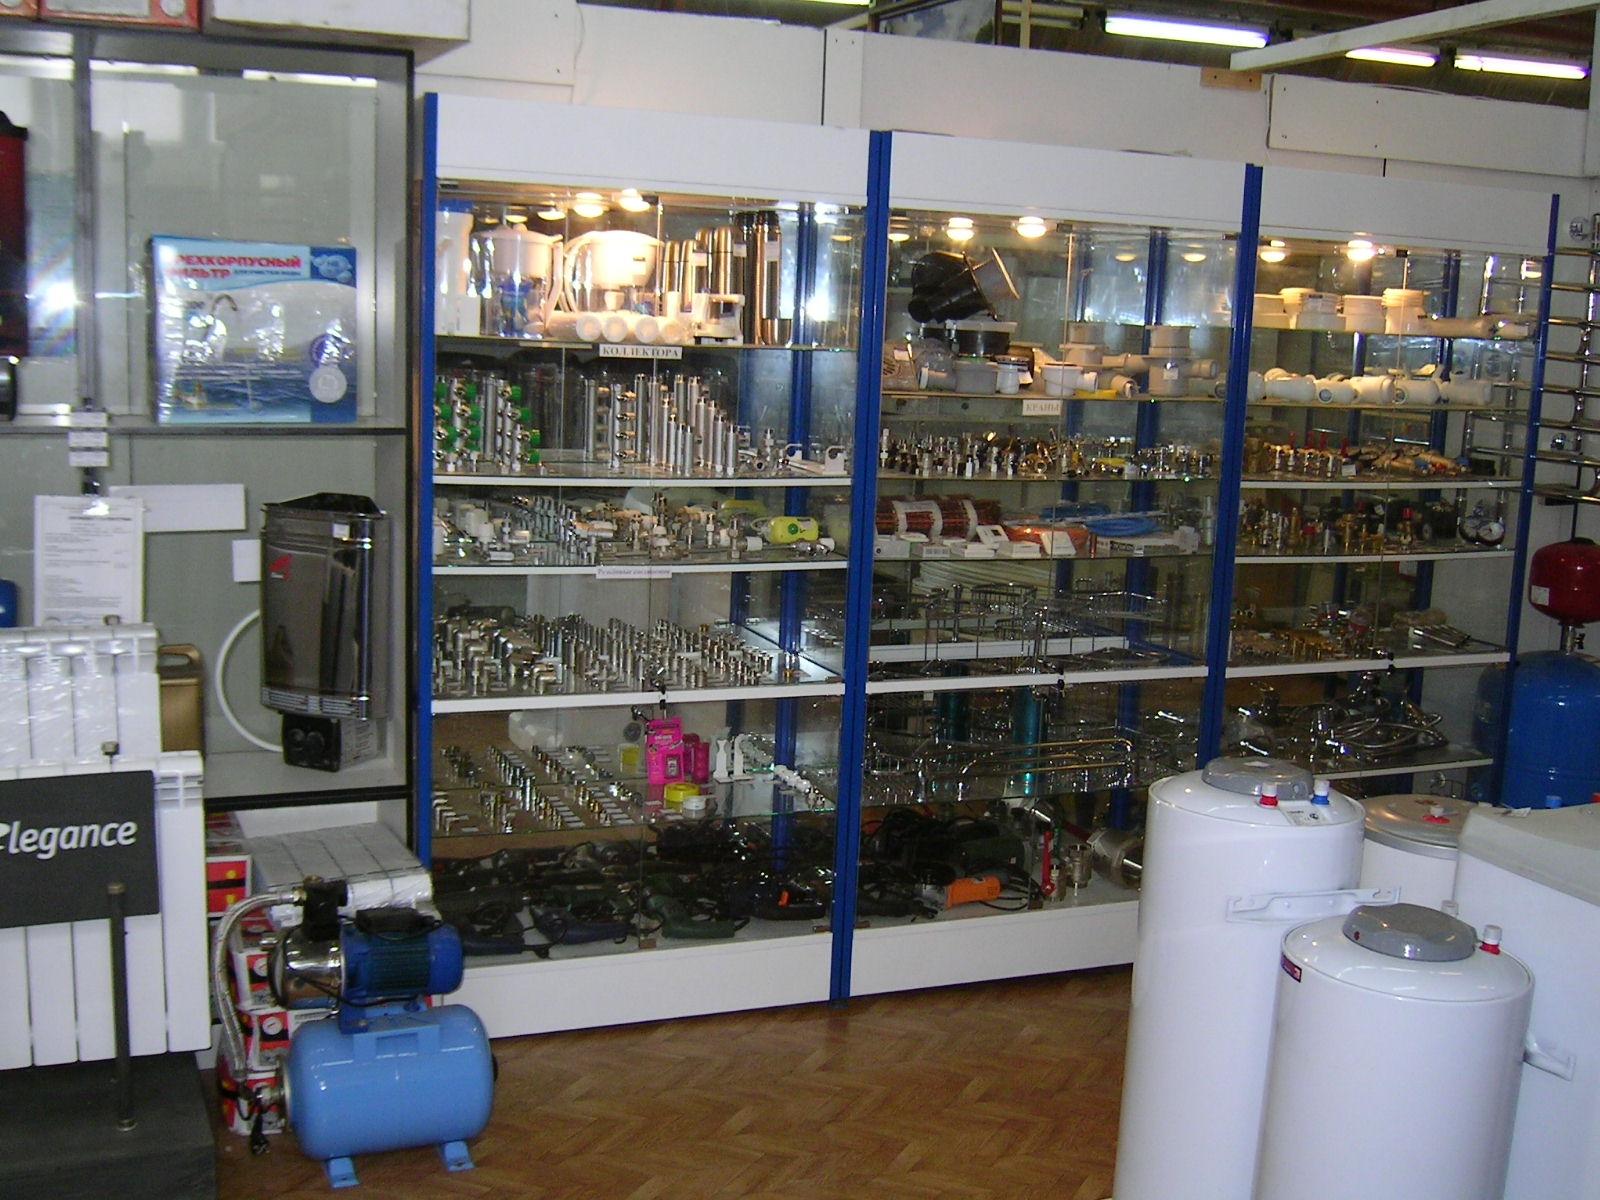 Сайт газового и насосного оборудования. Интернет-магазин